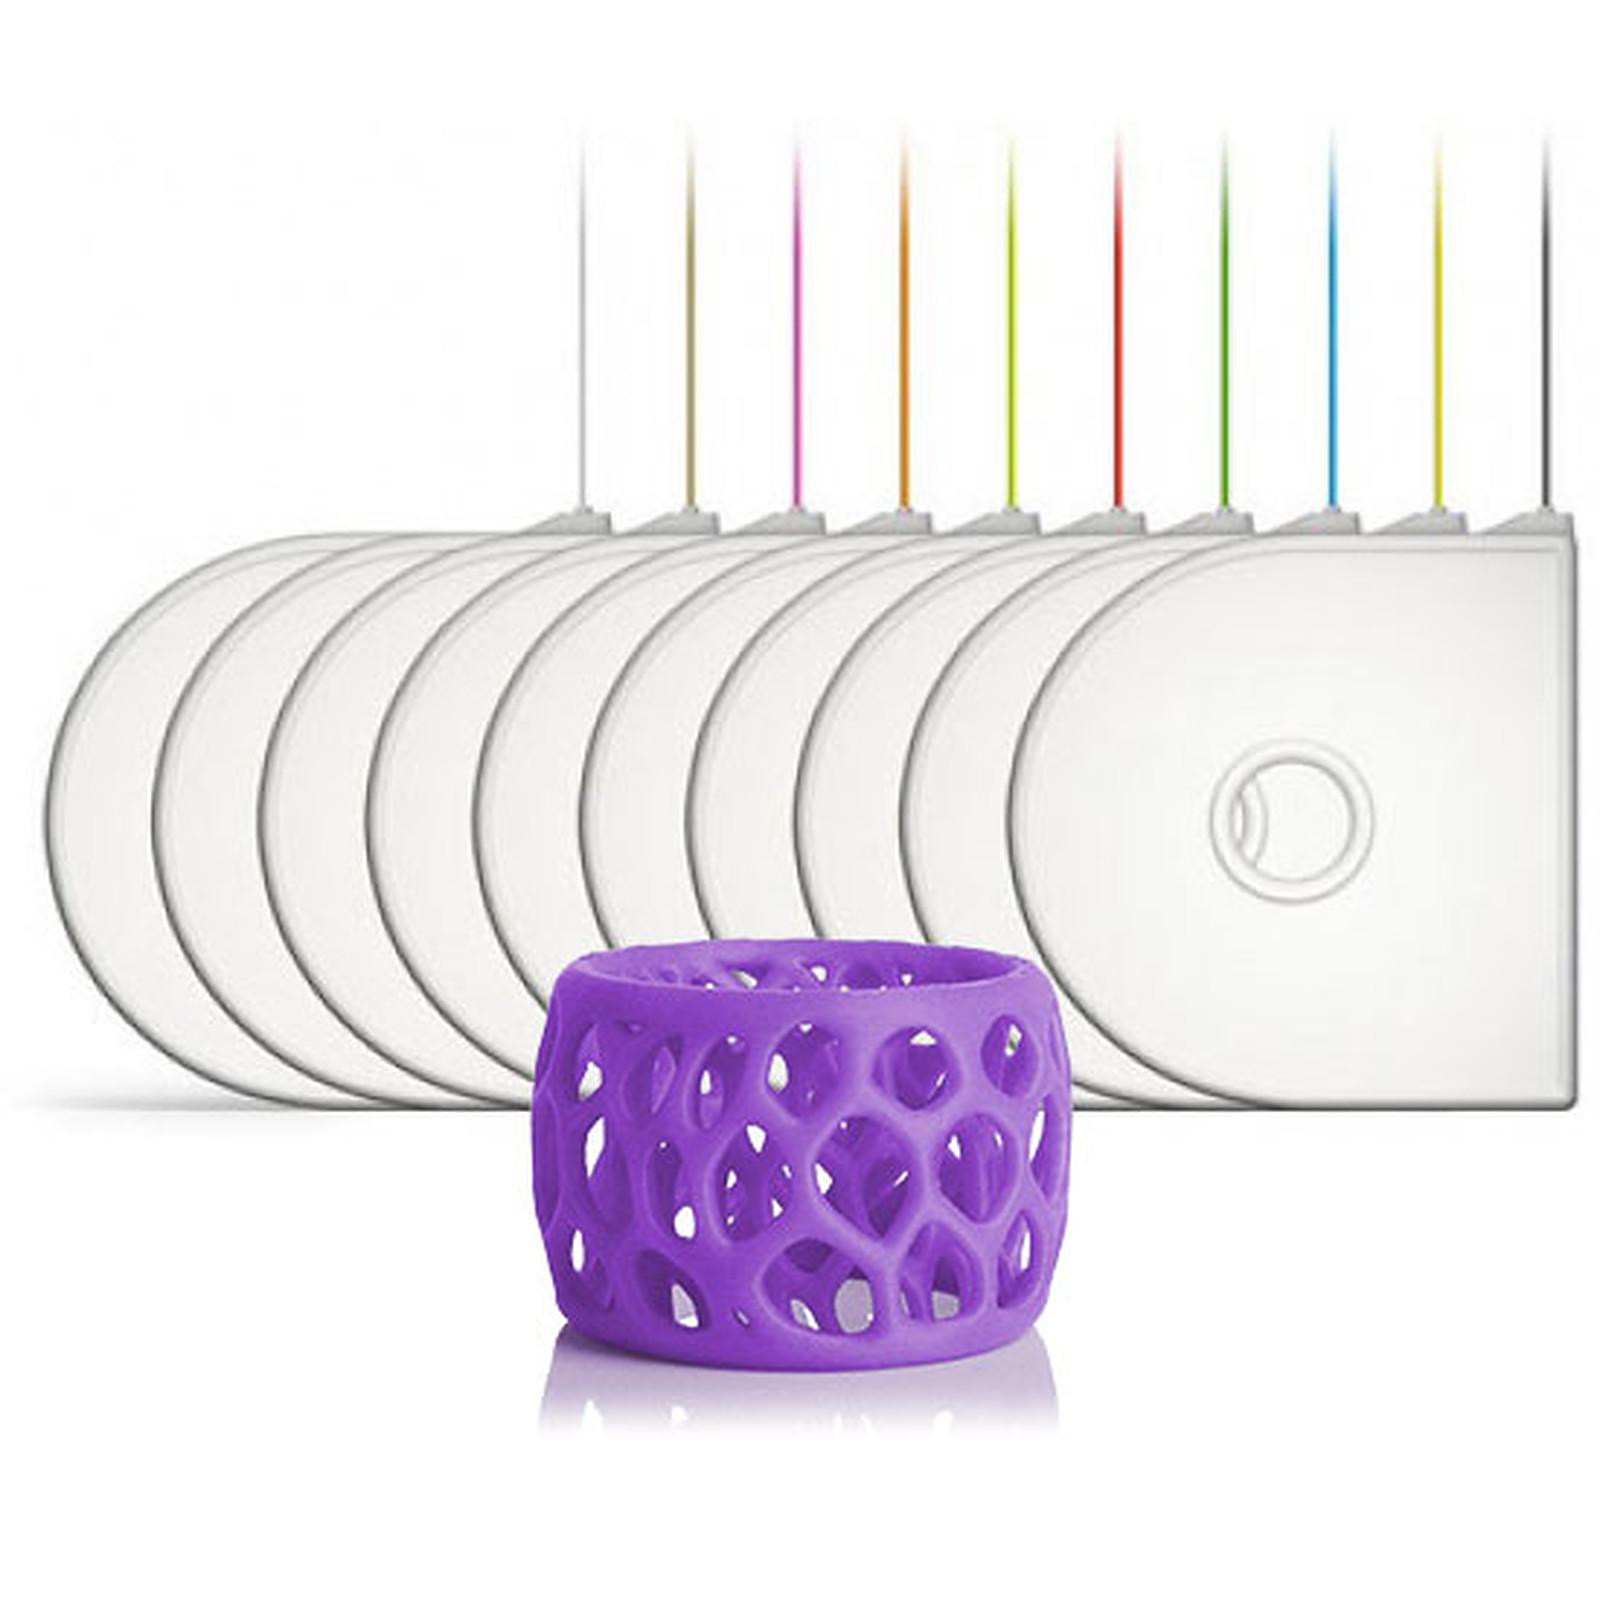 3D Systems 401418-01 - Cartouche ABS Violet pour imprimante 3D